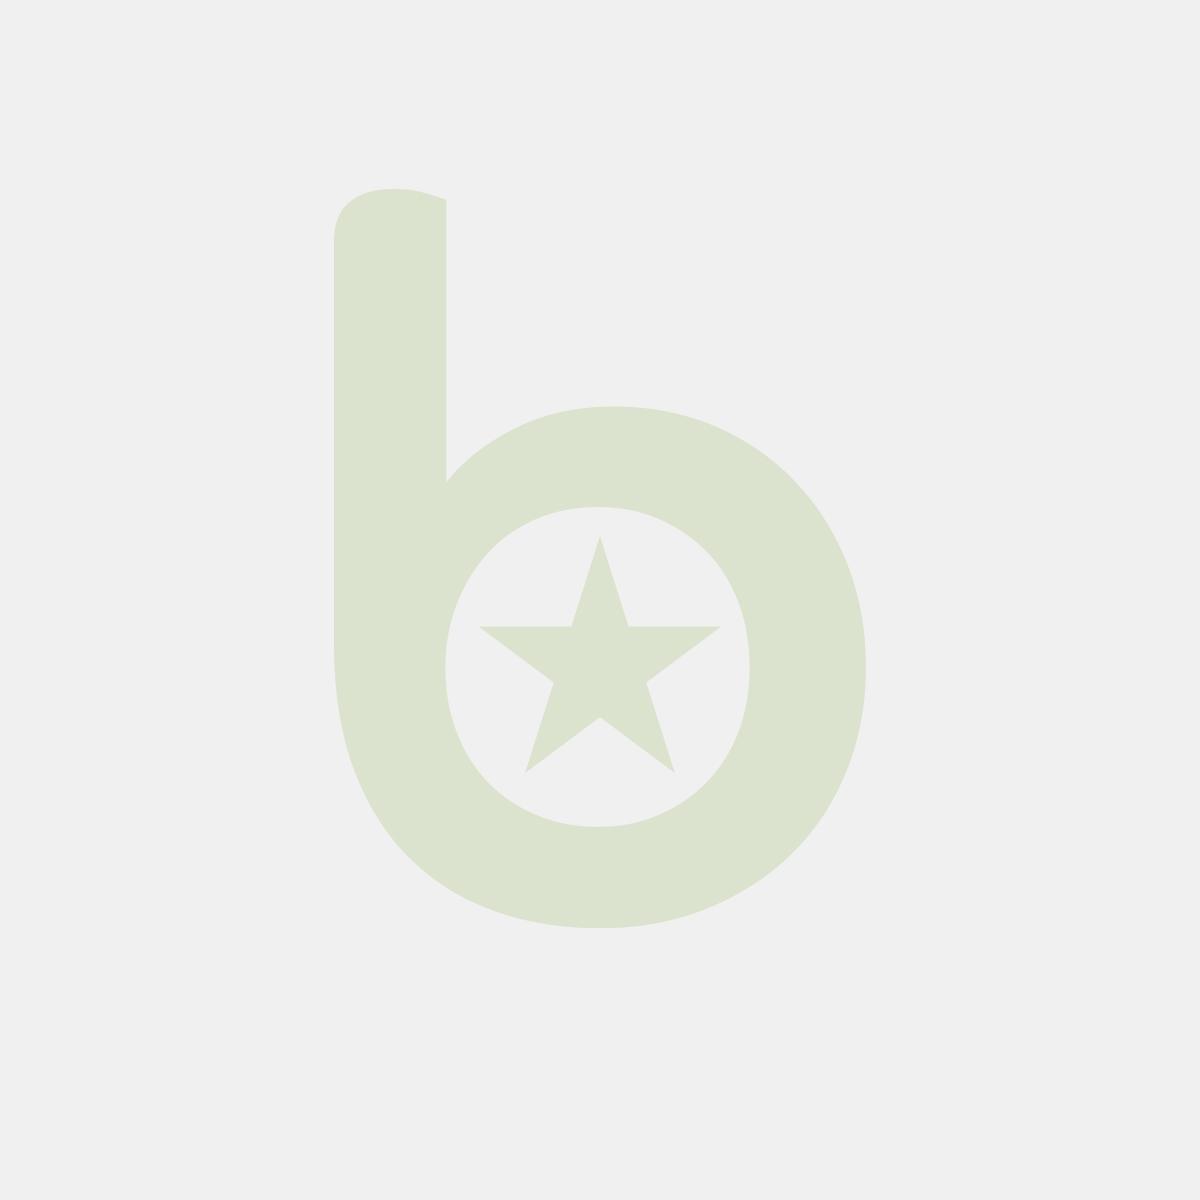 Pojemnik obiadowy do zgrzewu D-9510, 2-dzielny, czarny, 227x178x40, cena za op.40 sztuk